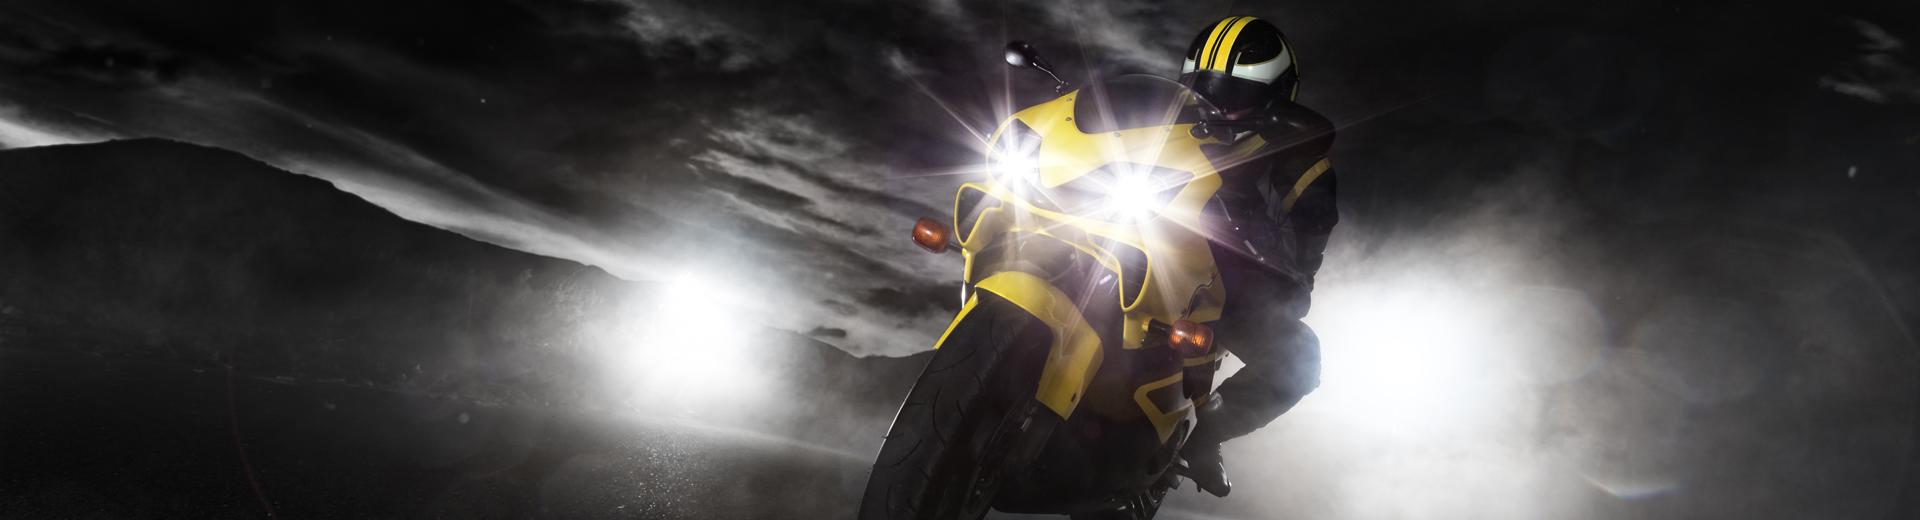 LED verlichting Motorfietsen